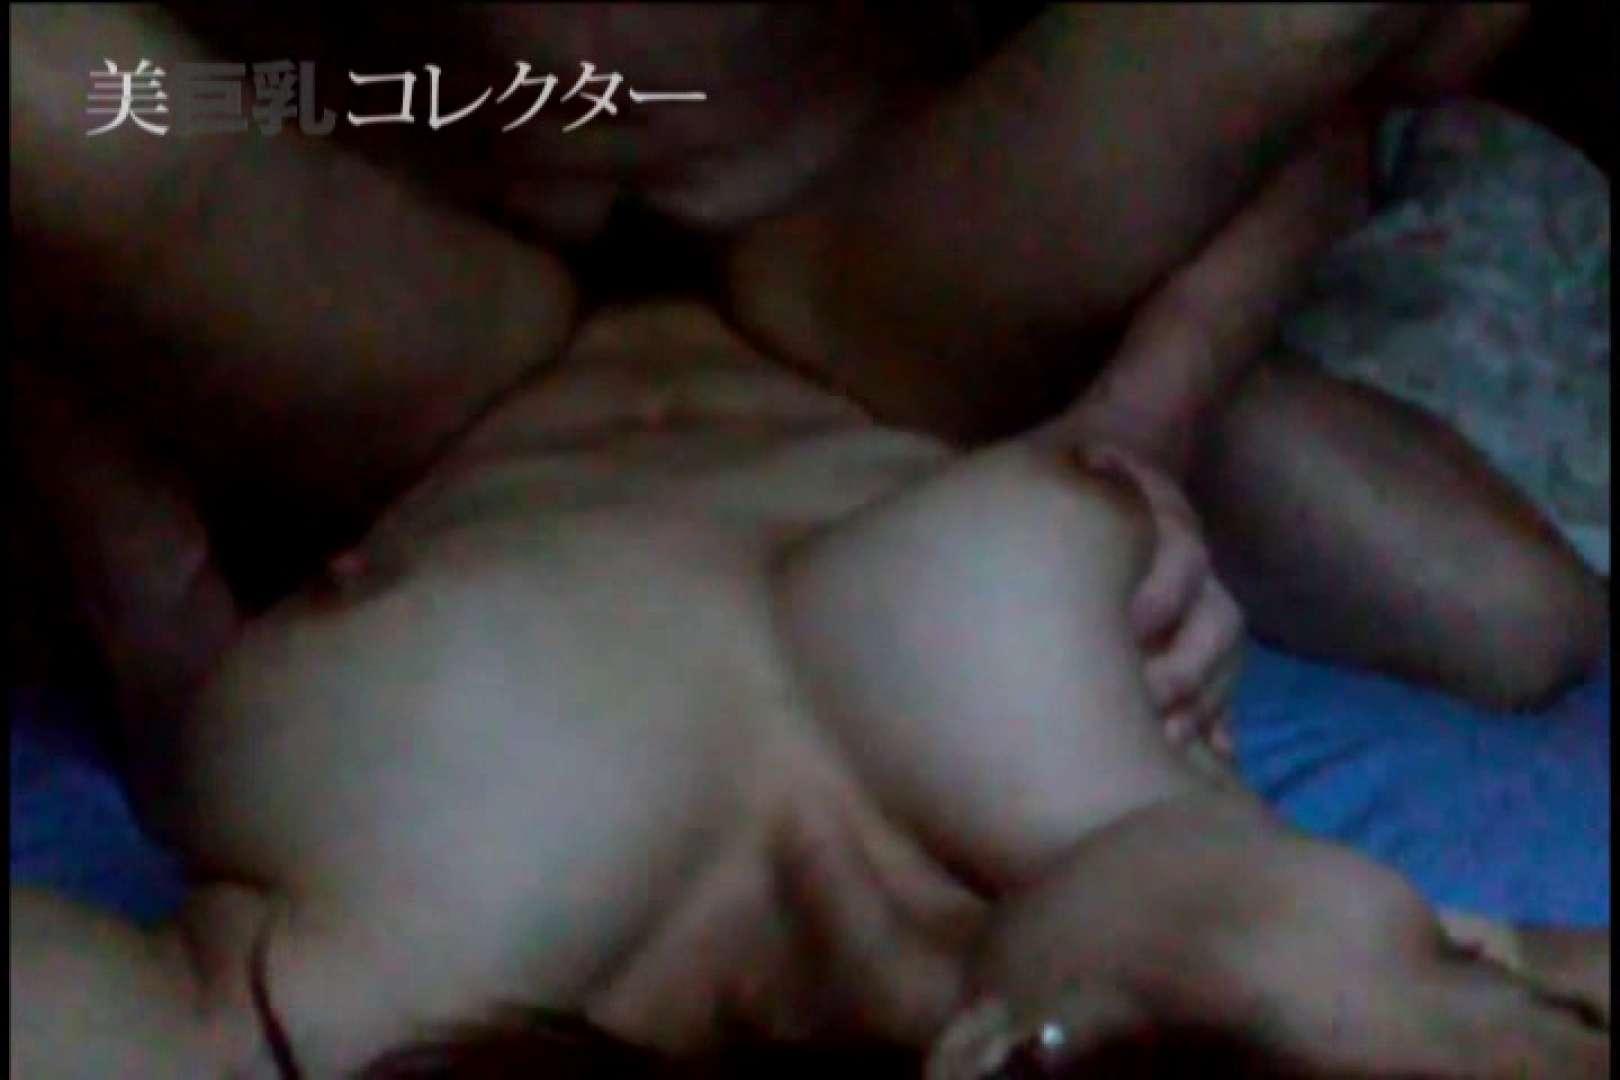 泥酔Hカップ爆乳ギャル3 SEX おまんこ動画流出 50枚 38